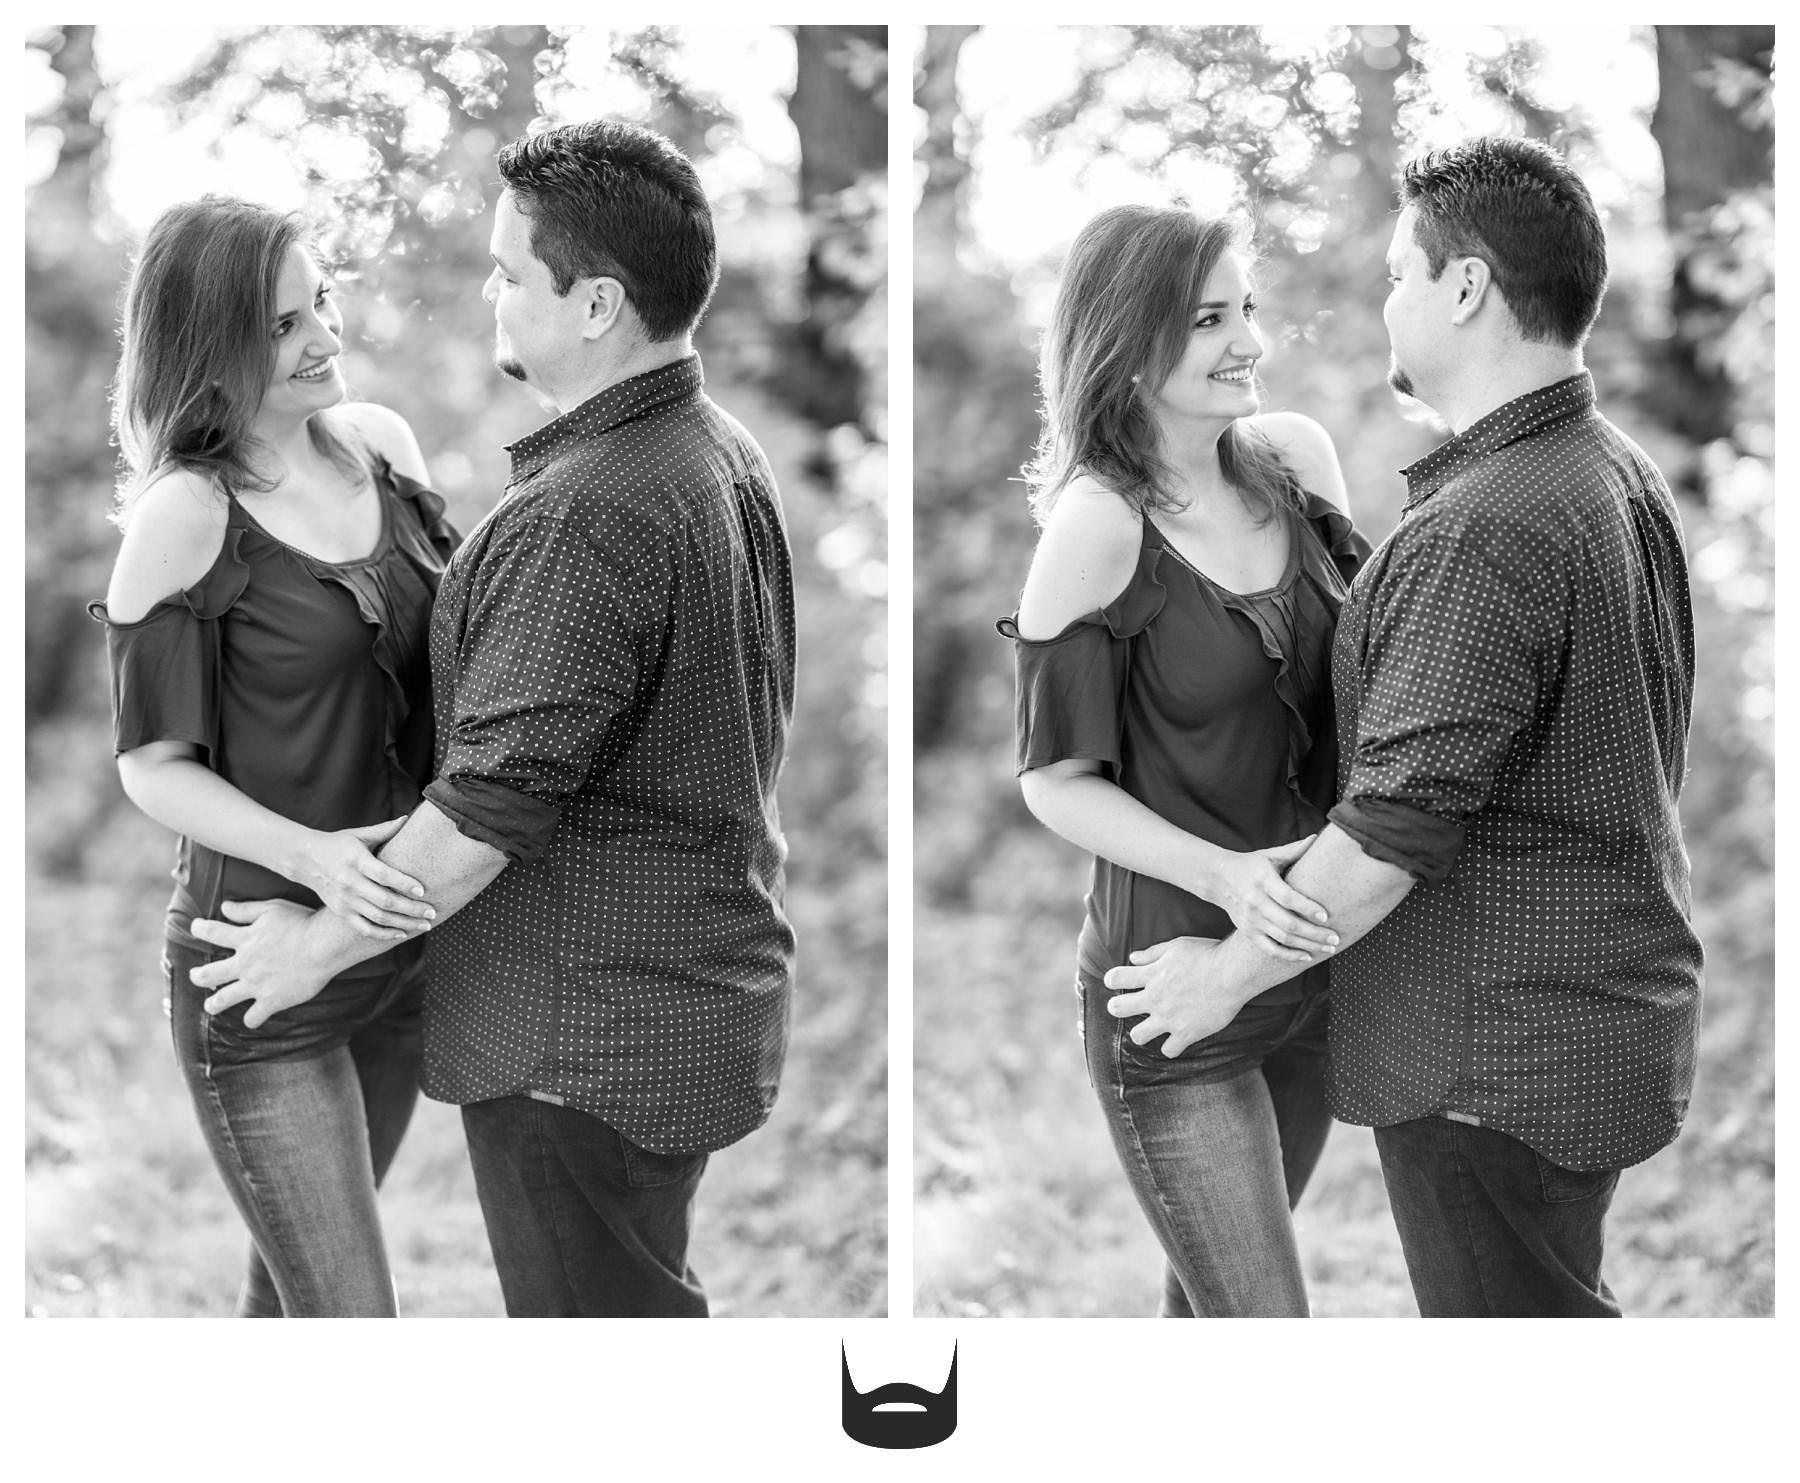 des moines engagement photography happy couple